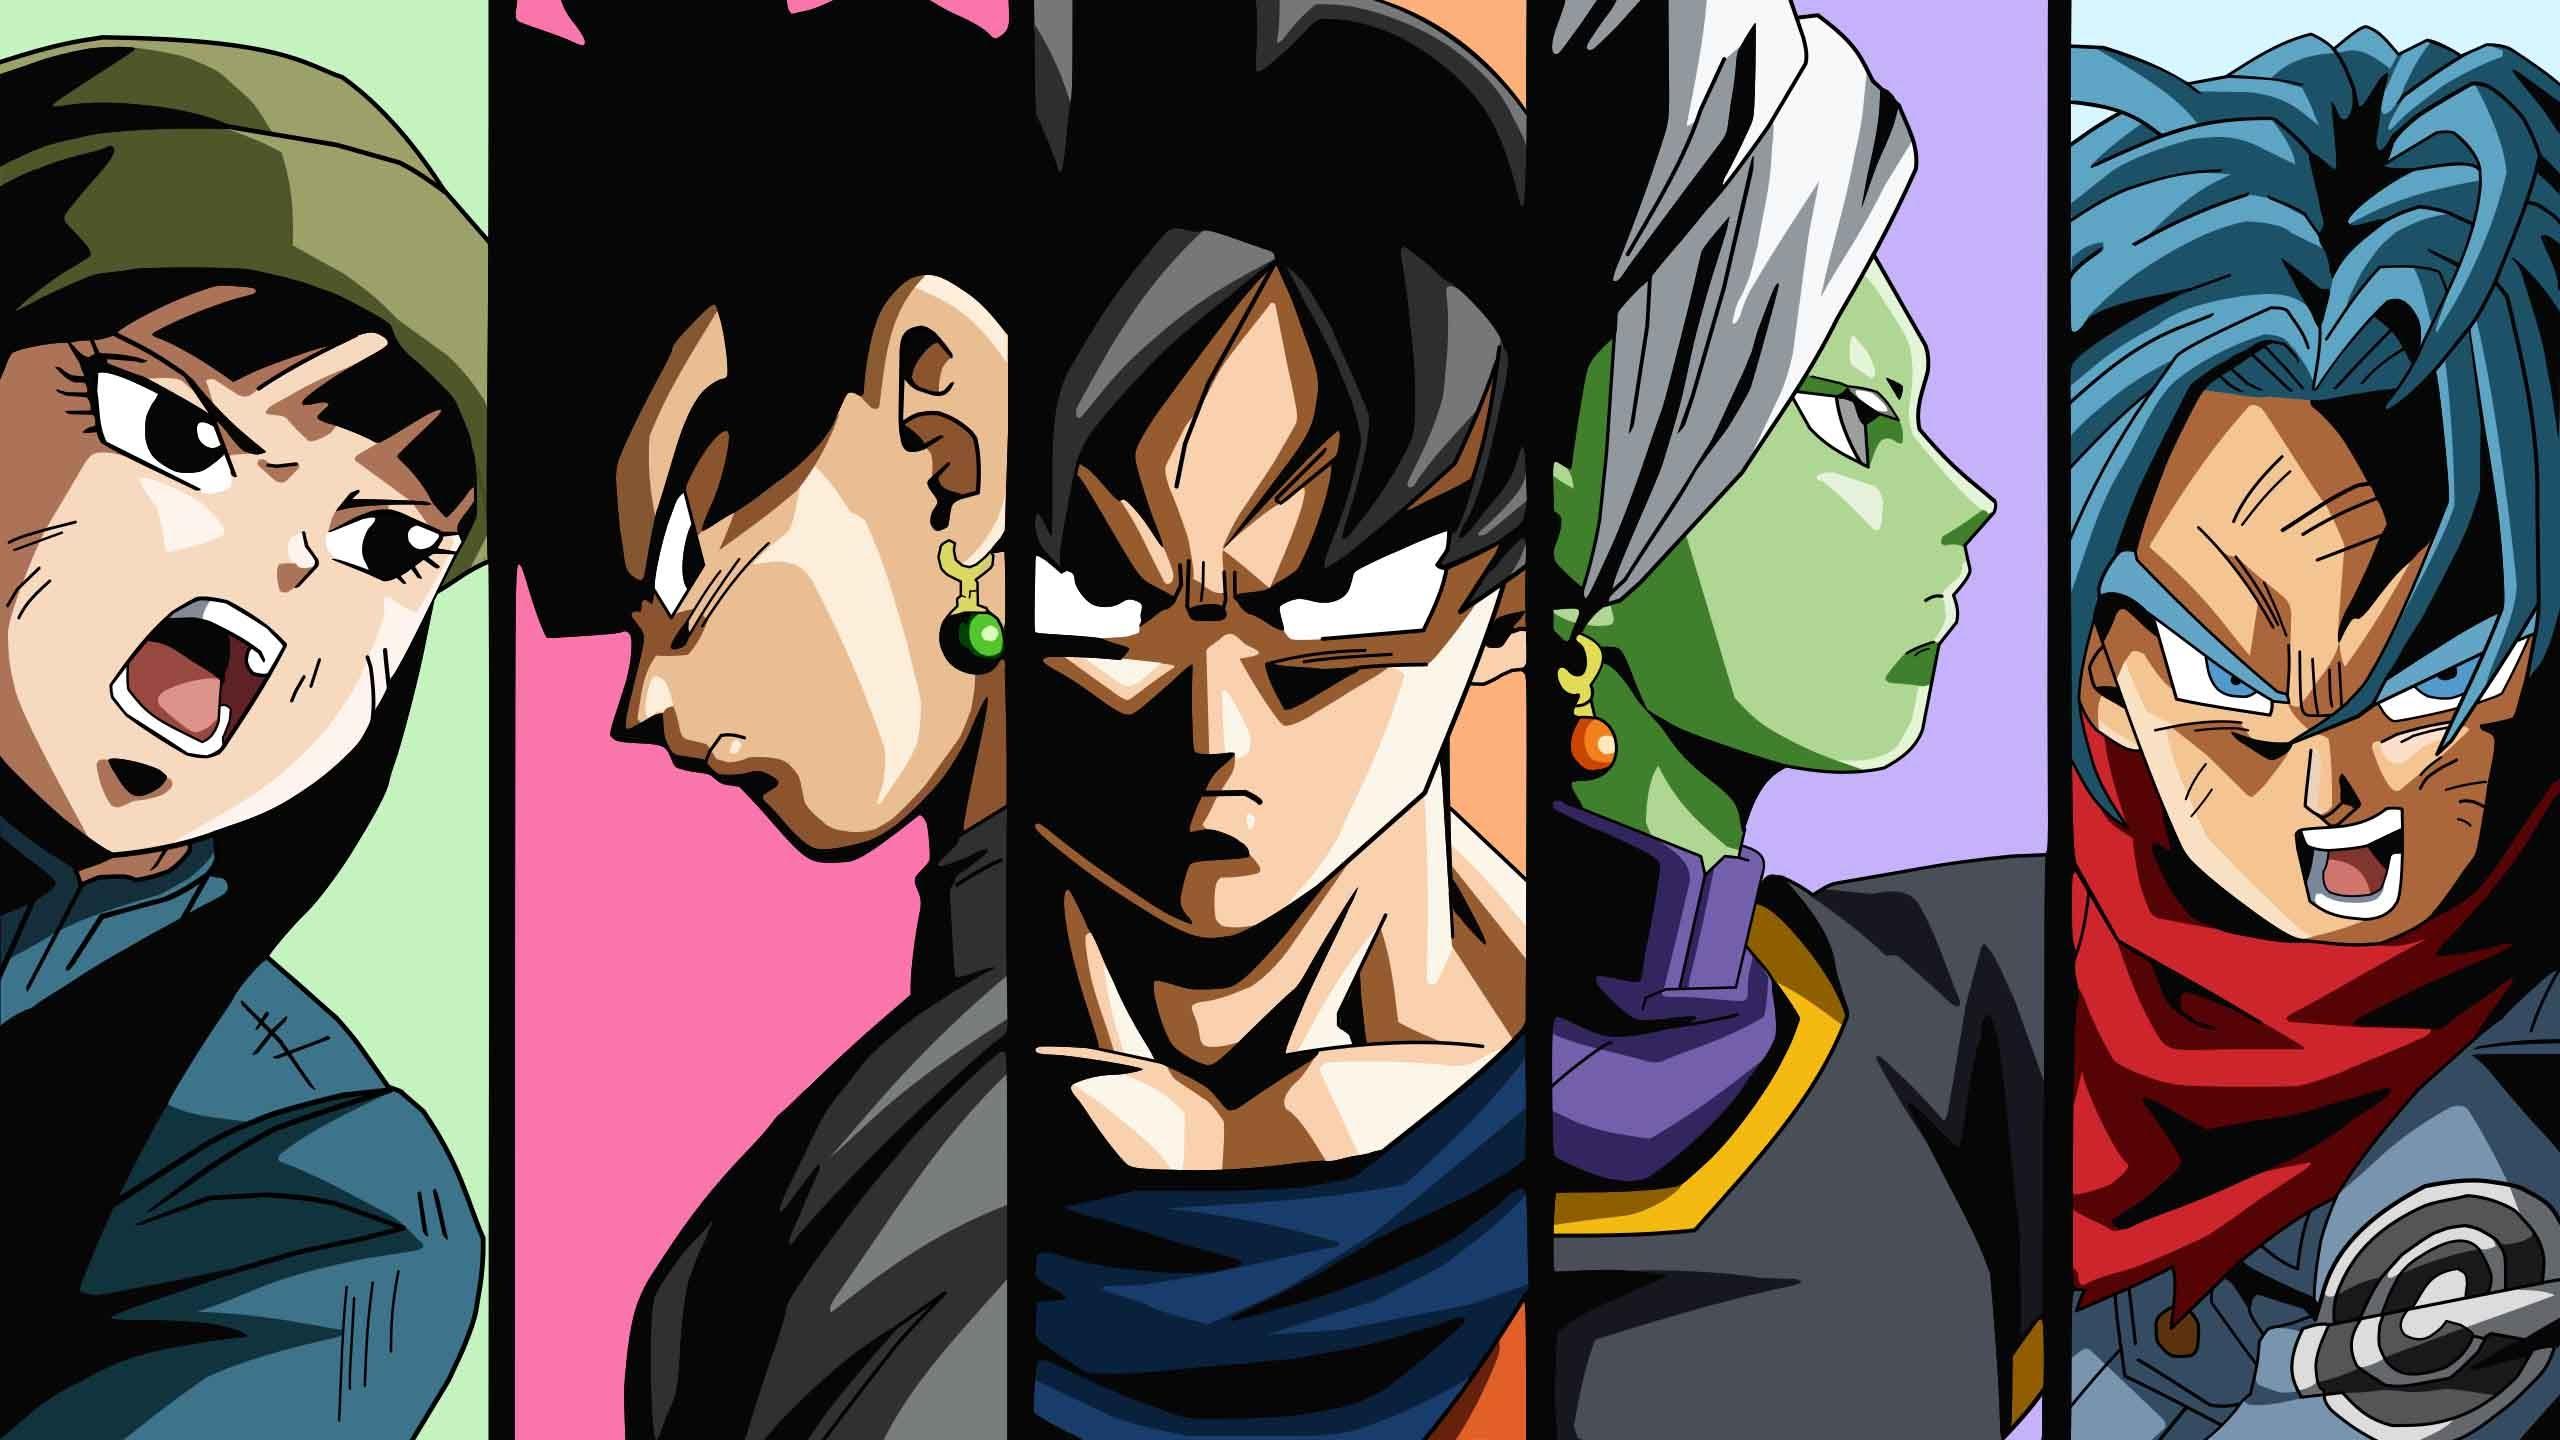 Black Goku Hd Wallpaper Posted By Michelle Peltier